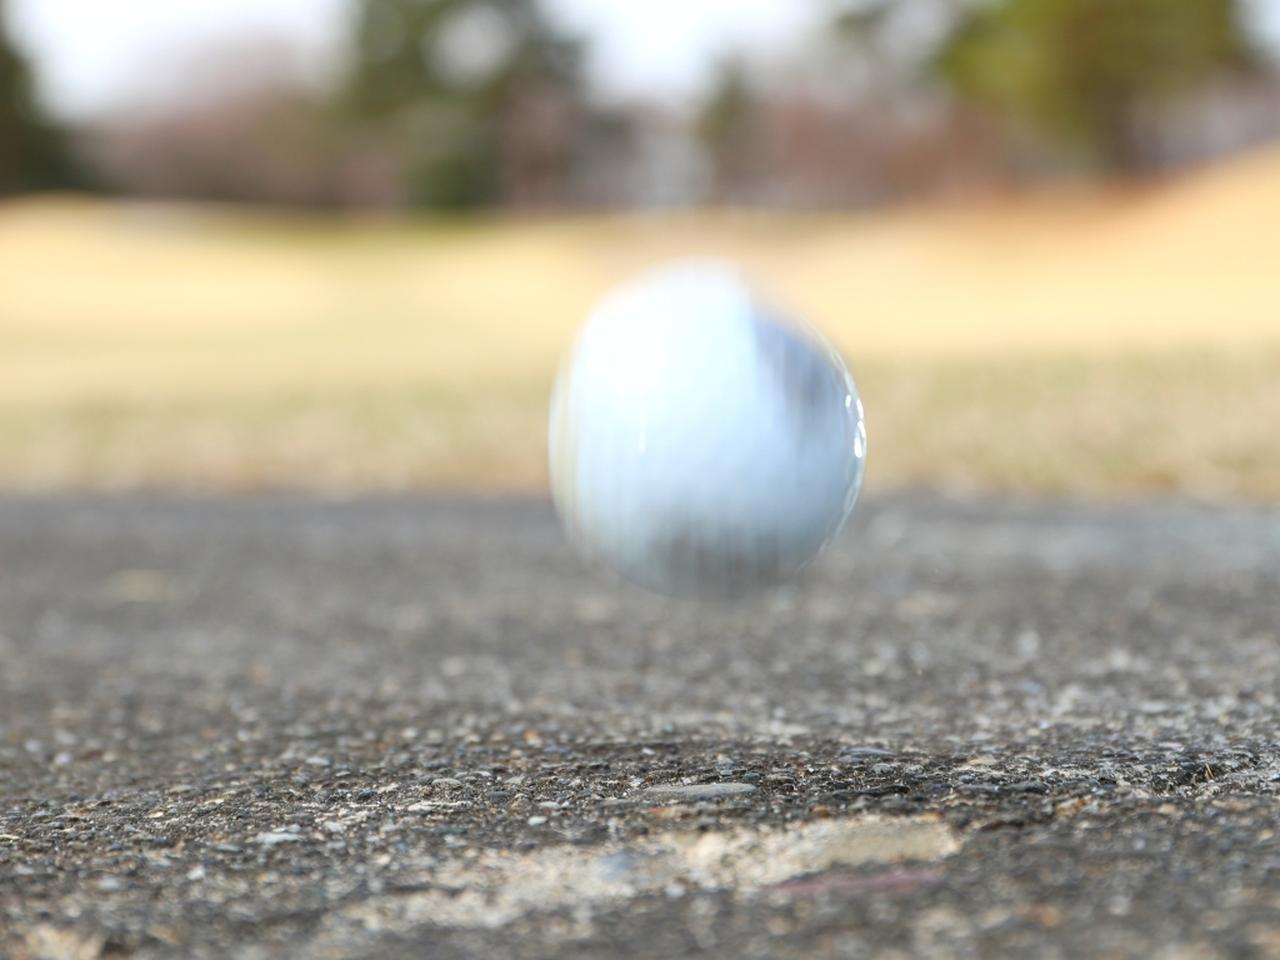 画像: カート道で跳ねるなどするとボールに小さな傷やささくれが出来てしまうことも